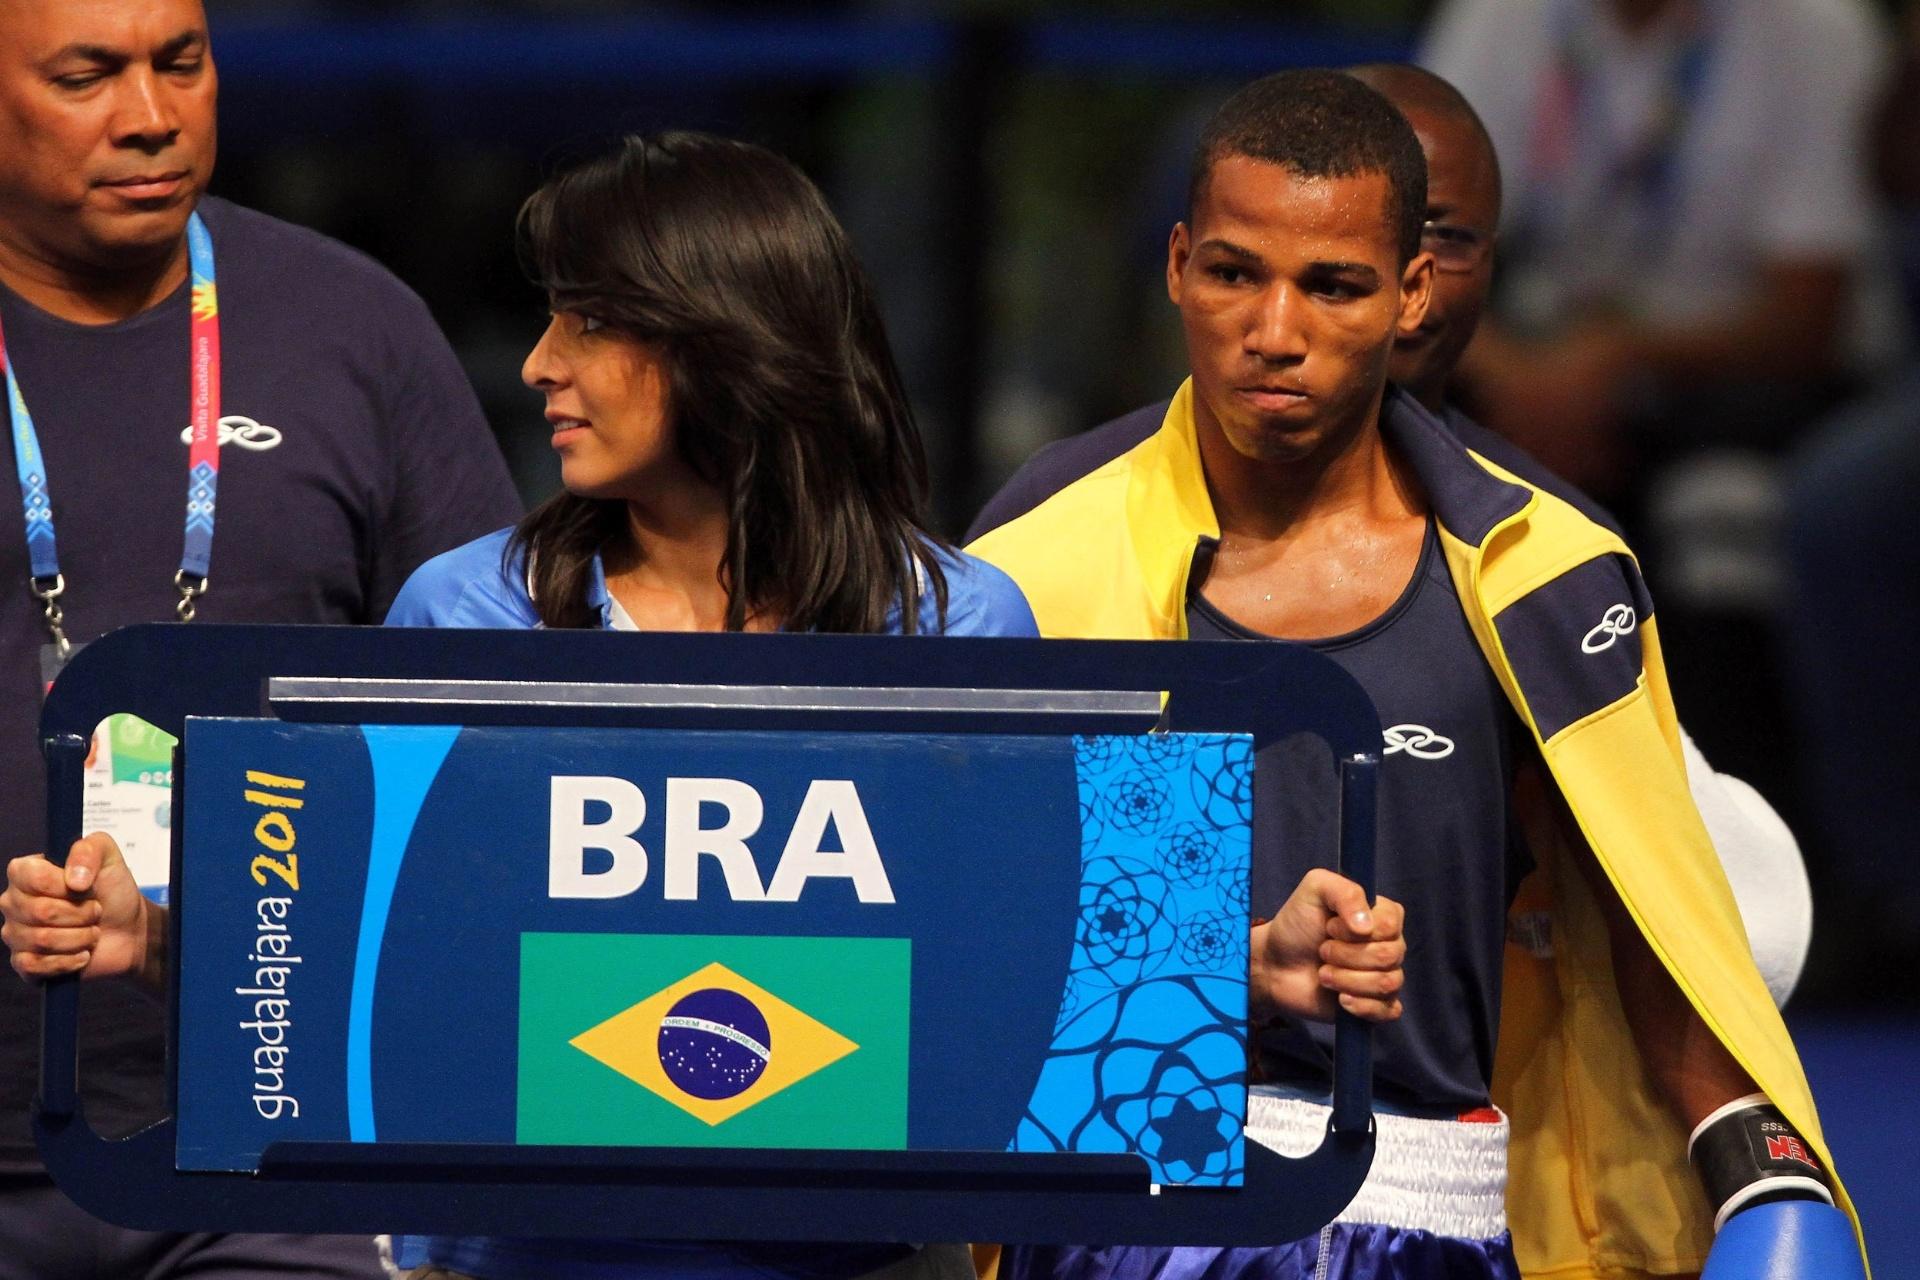 Robson Conceição se encaminha ao ringue; ele perdeu para cubano e ficou com a prata no Pan (29/10/2011)